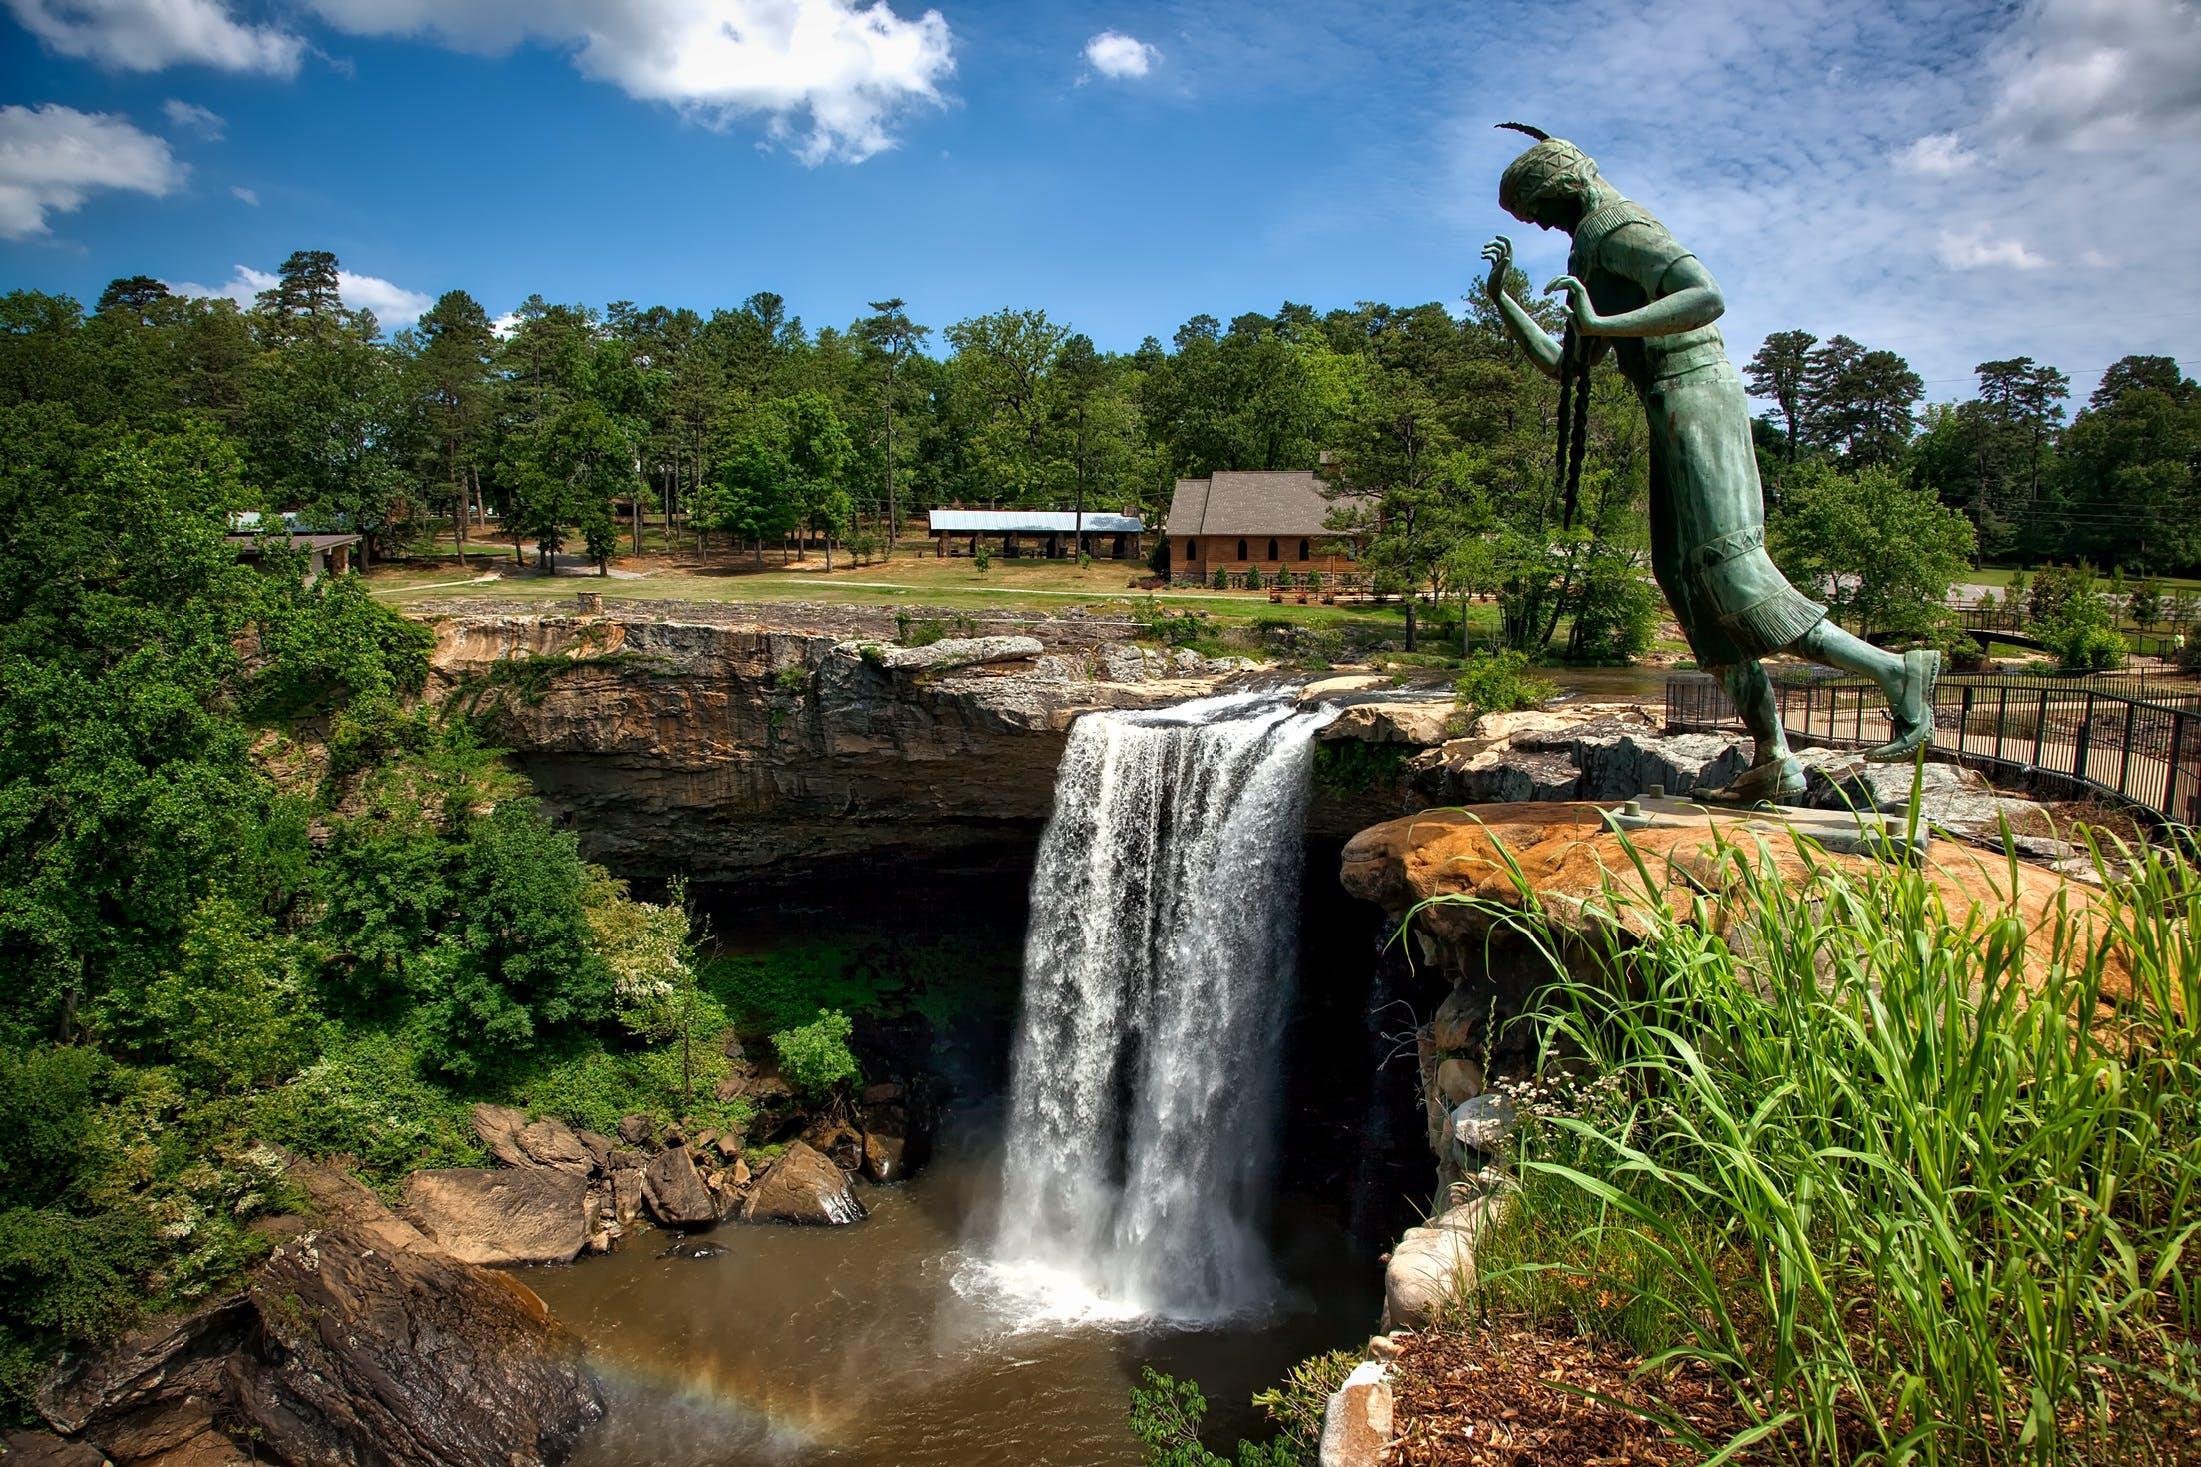 Gratis stockfoto met Alabama, attractie, attracties, bomen